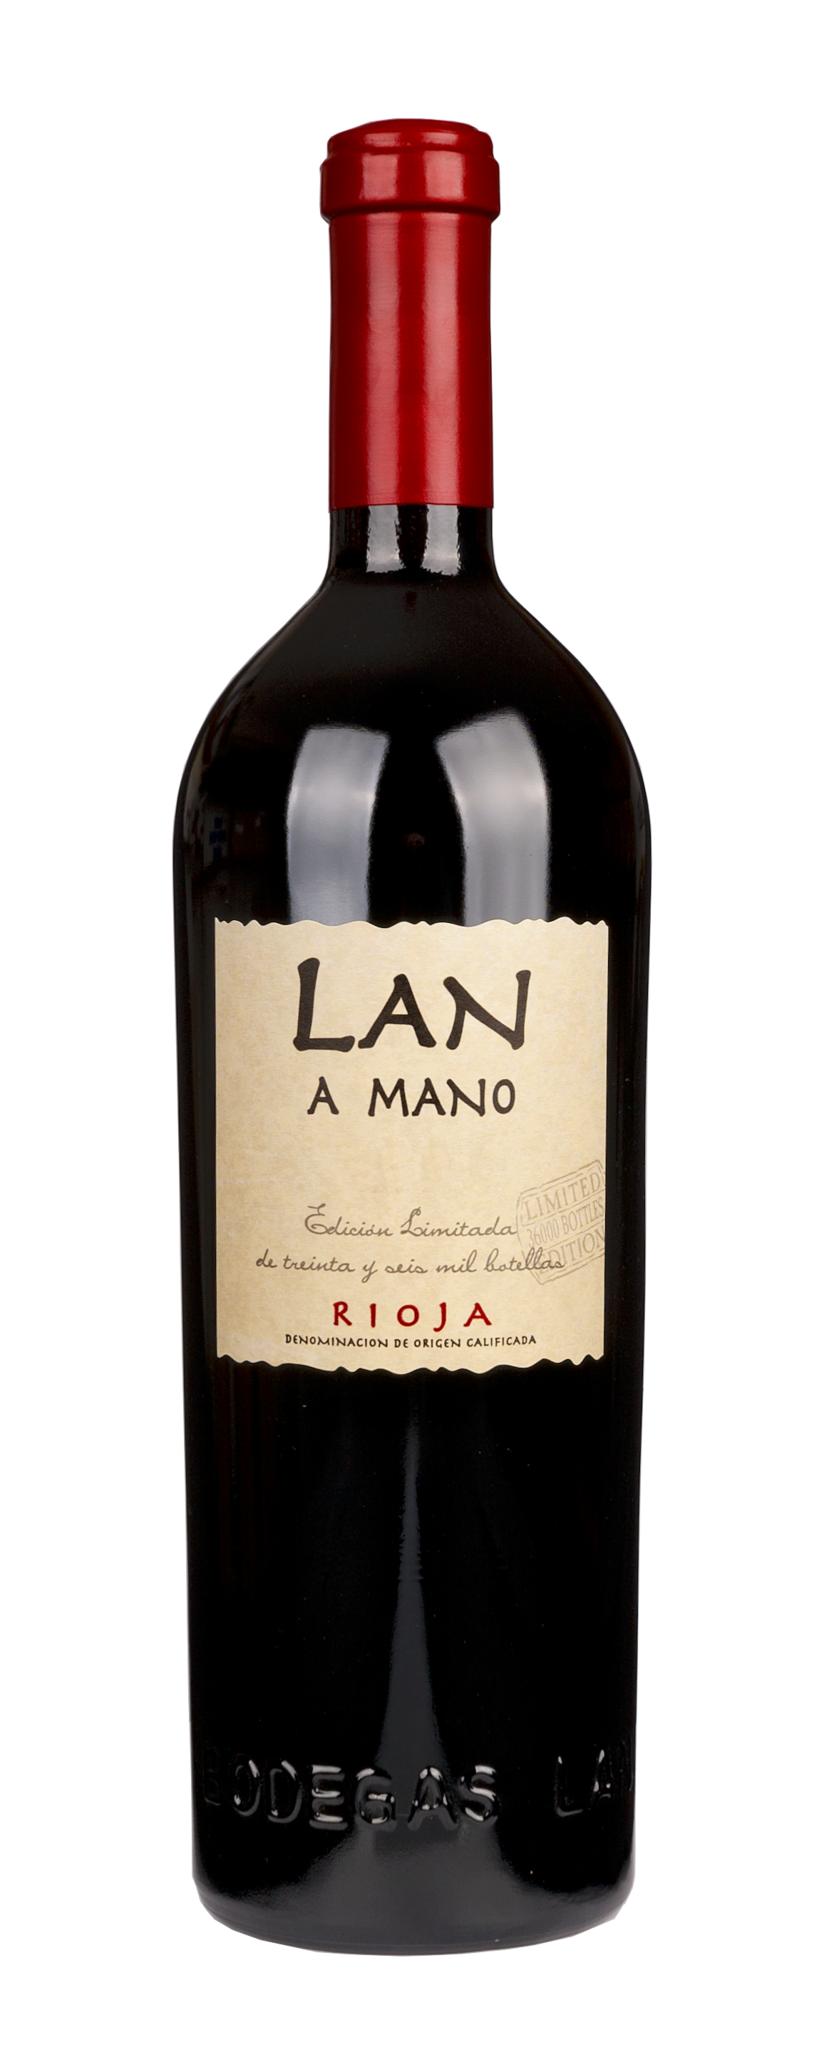 Lan, Bodegas - Rioja 2017 Rioja A Mano Edicion limitada, Bodegas Lan